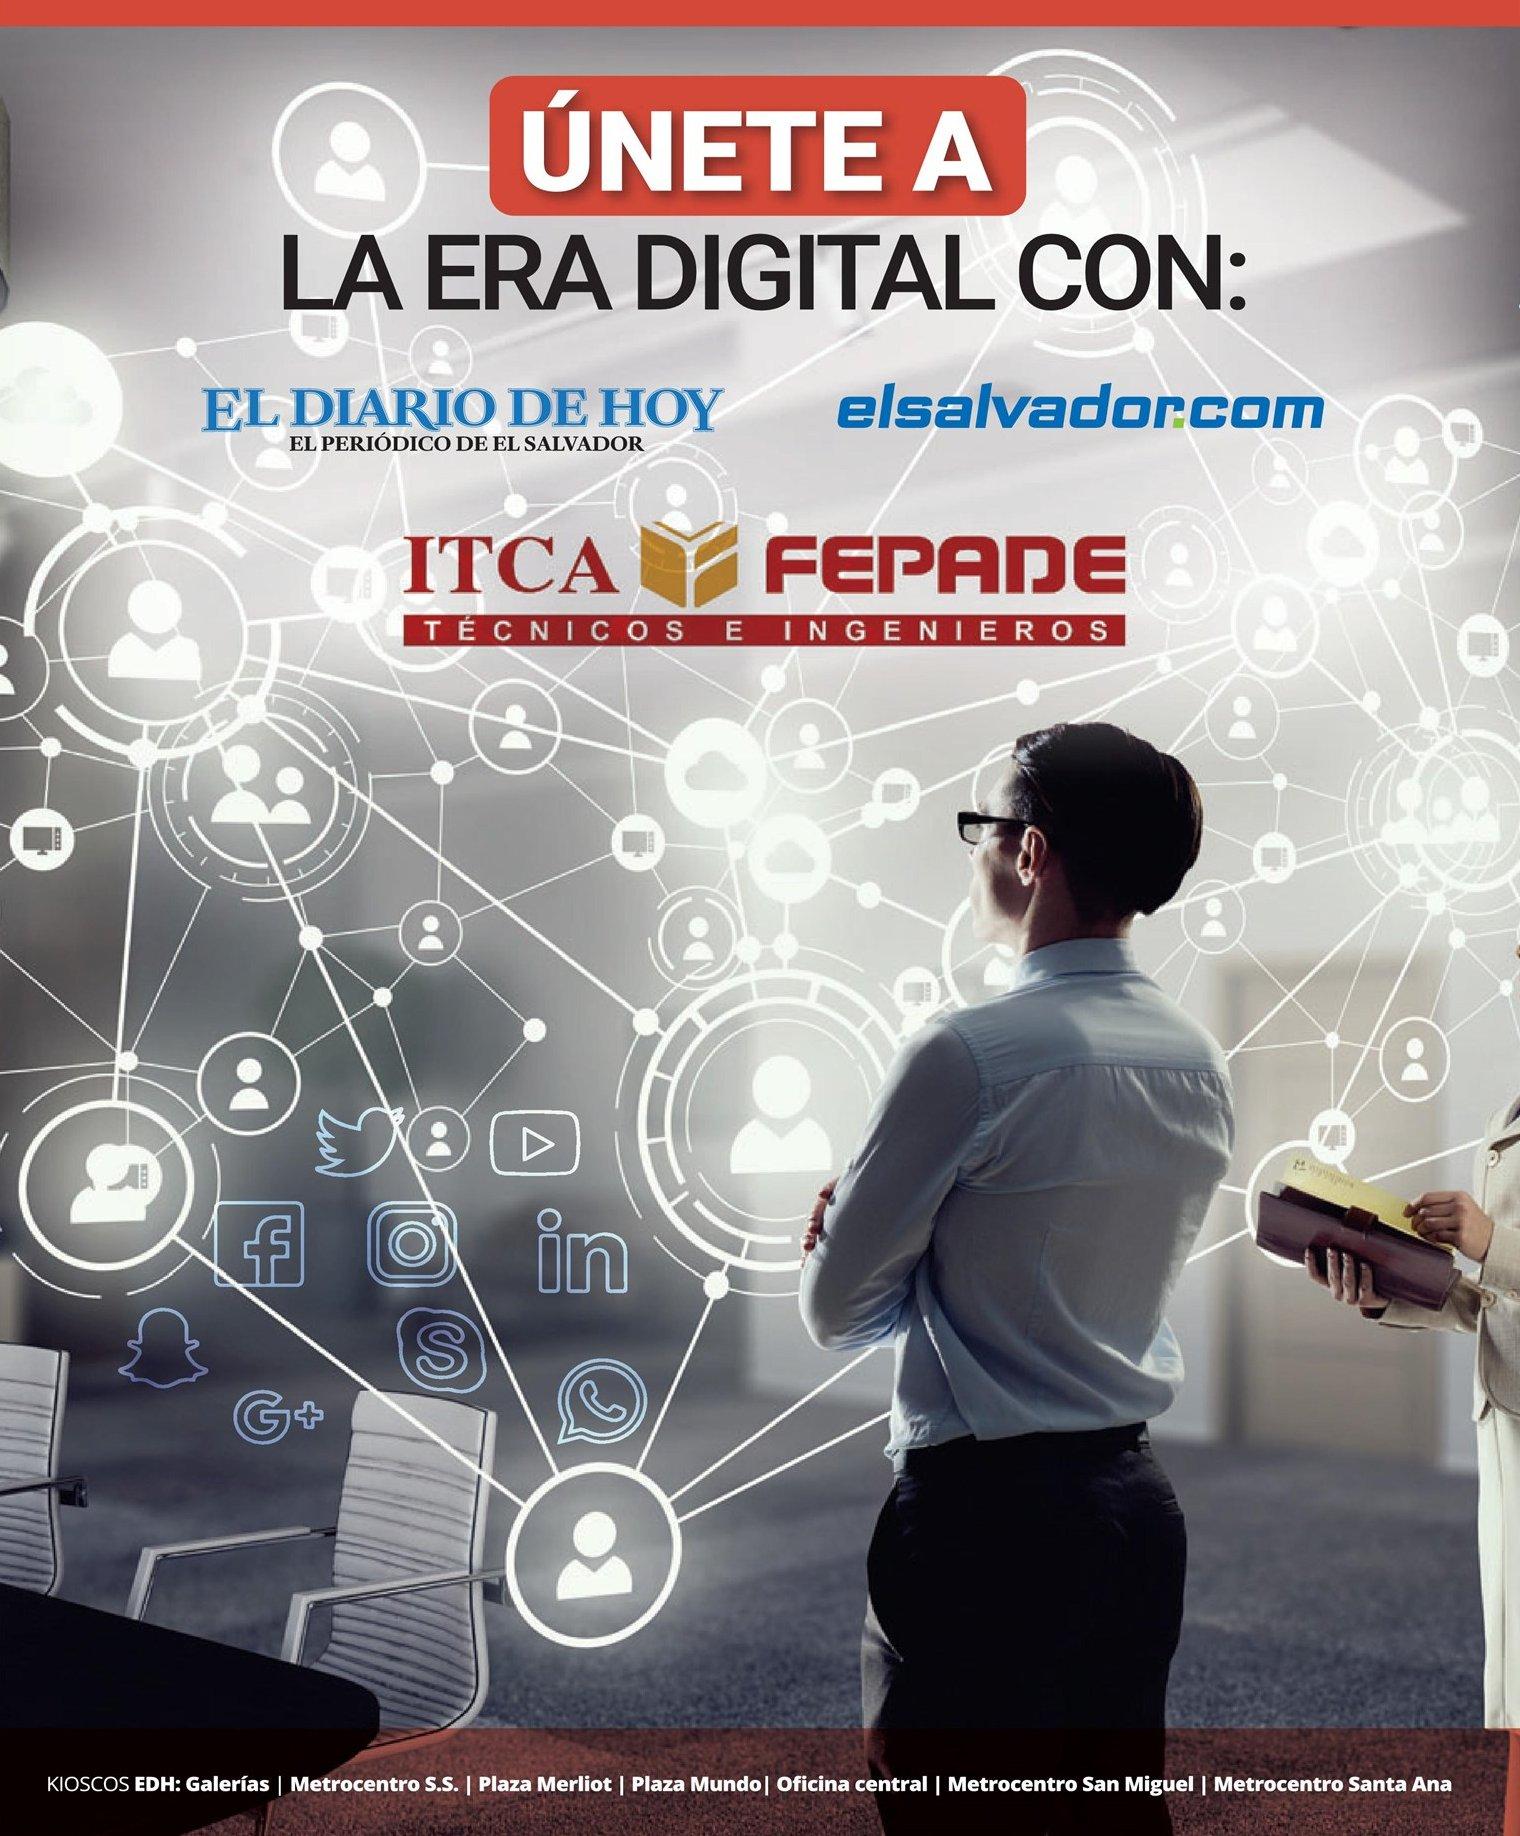 UNETE a la era digital carreras tecnicas gracias ITCA y EL Diarios de Hoy